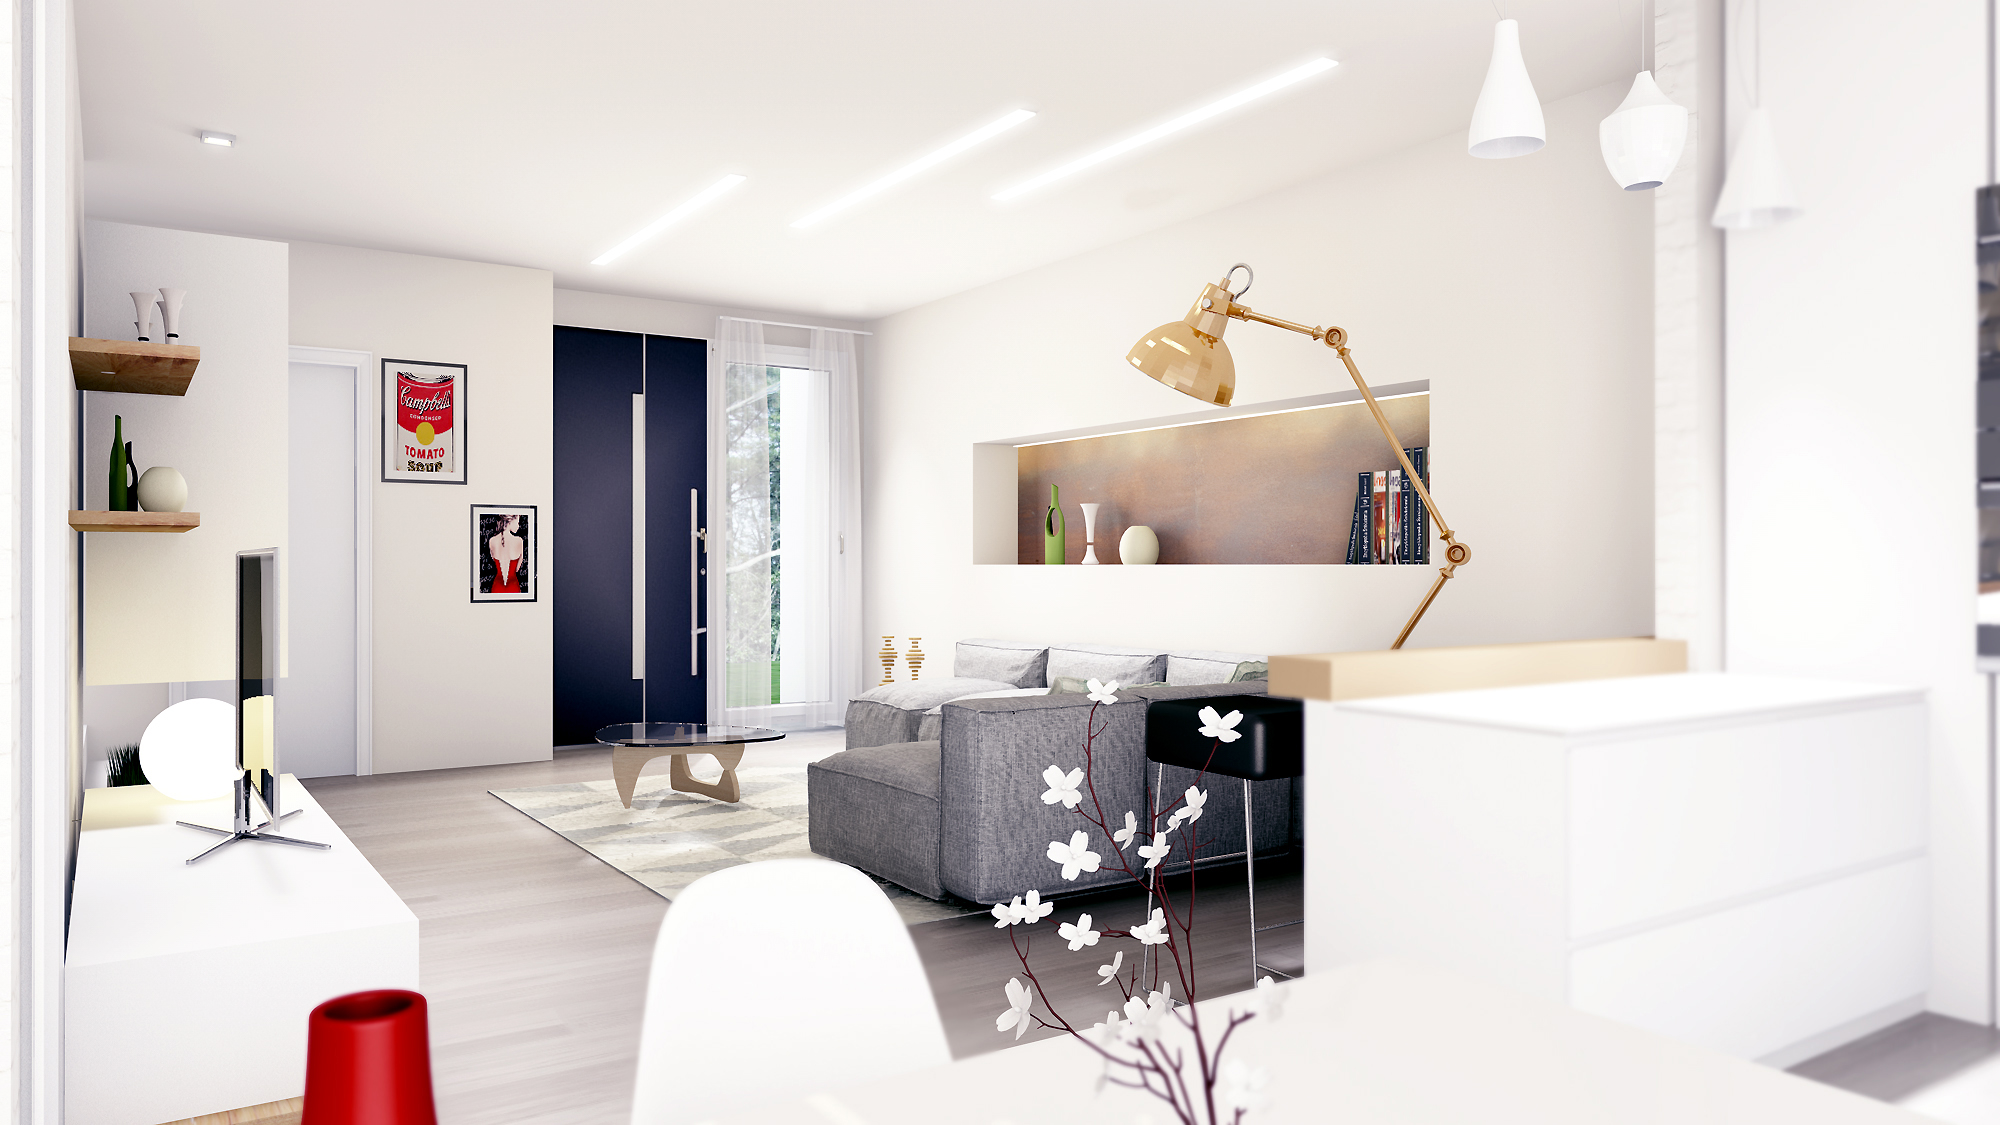 italconst quadrifamiliare interno 020